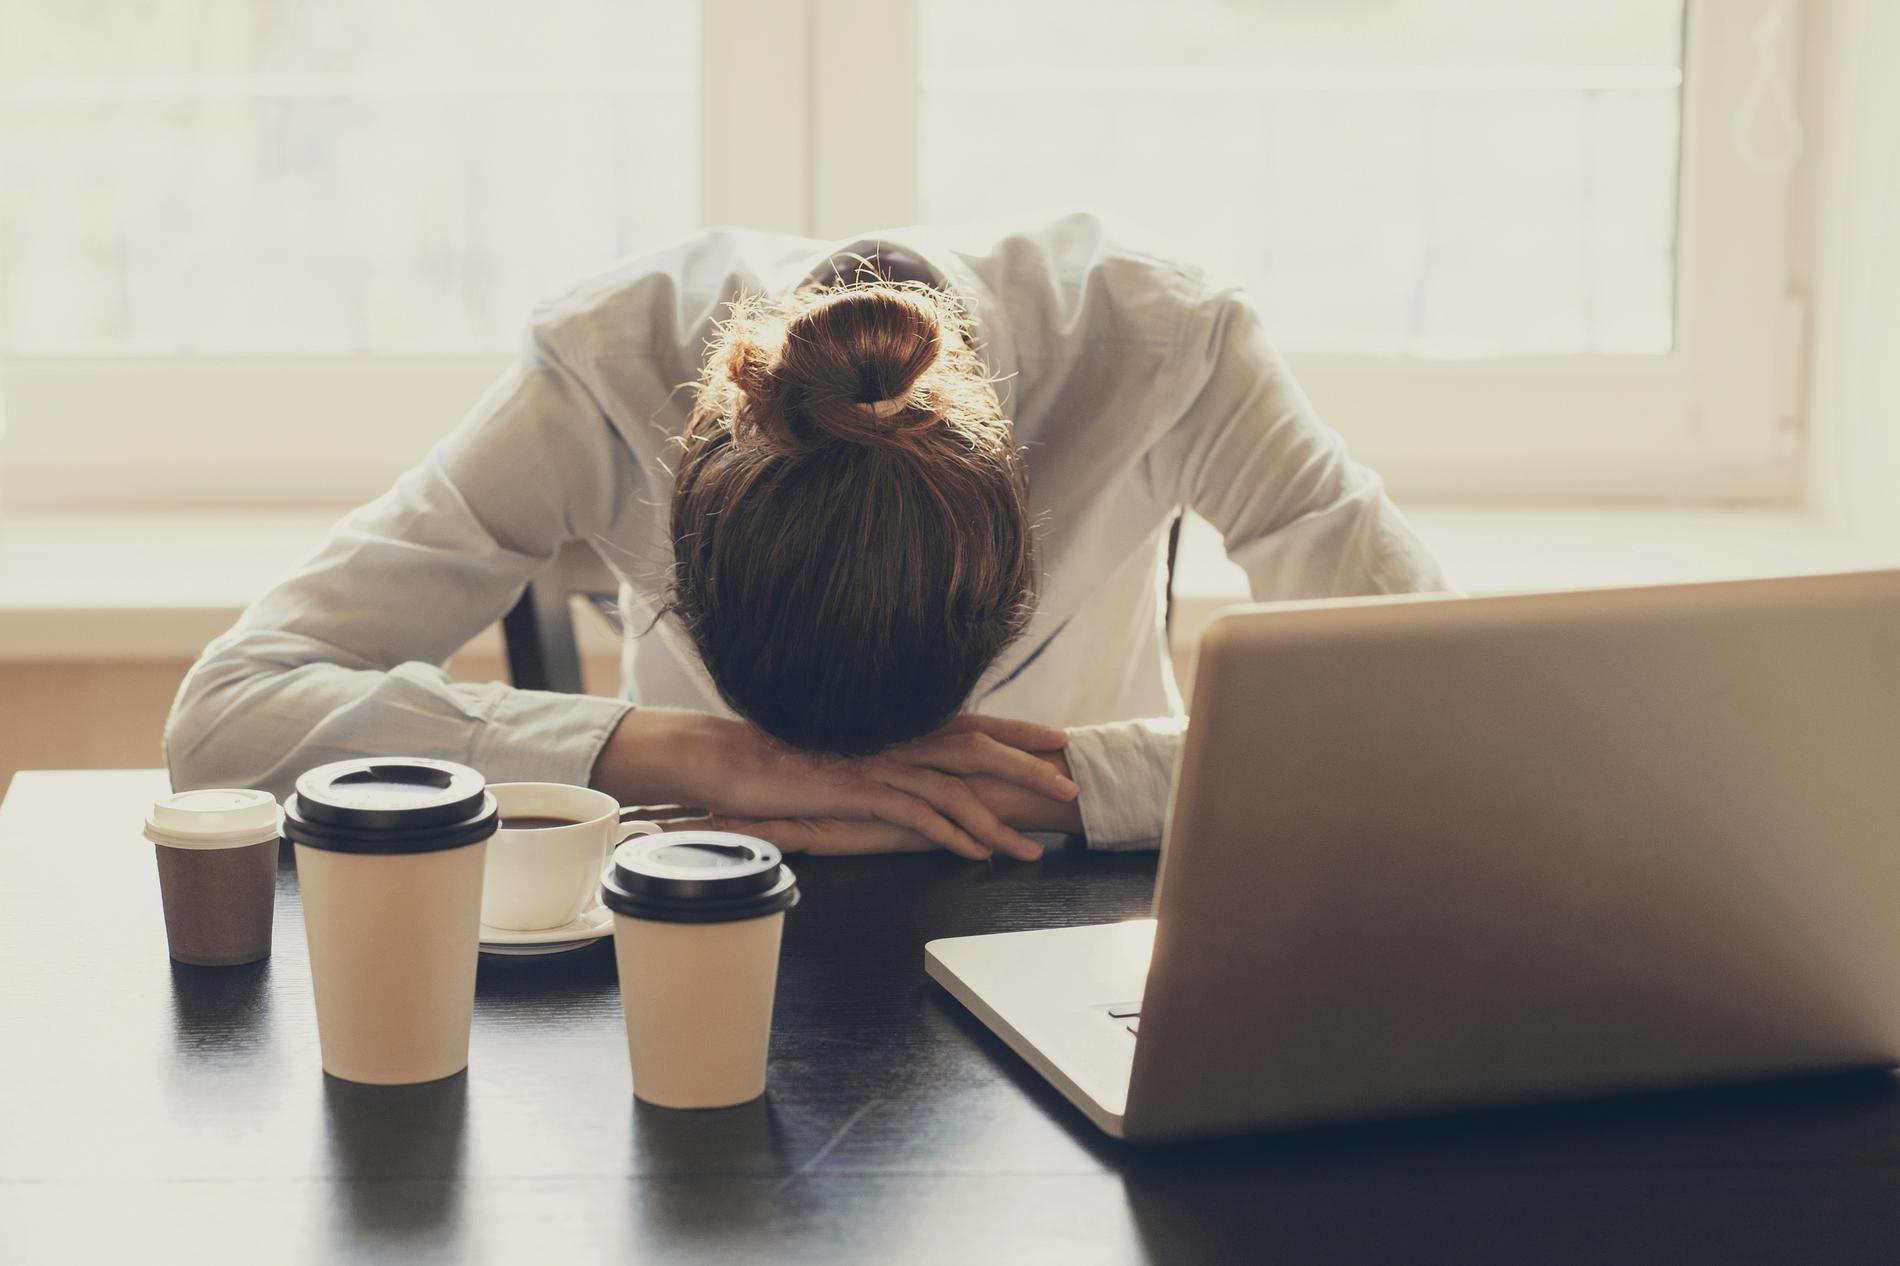 Chuyên gia Mỹ: Mất ngủ đang là một thảm họa GIẾT CHẾT con người thời hiện đại - Ảnh 3.